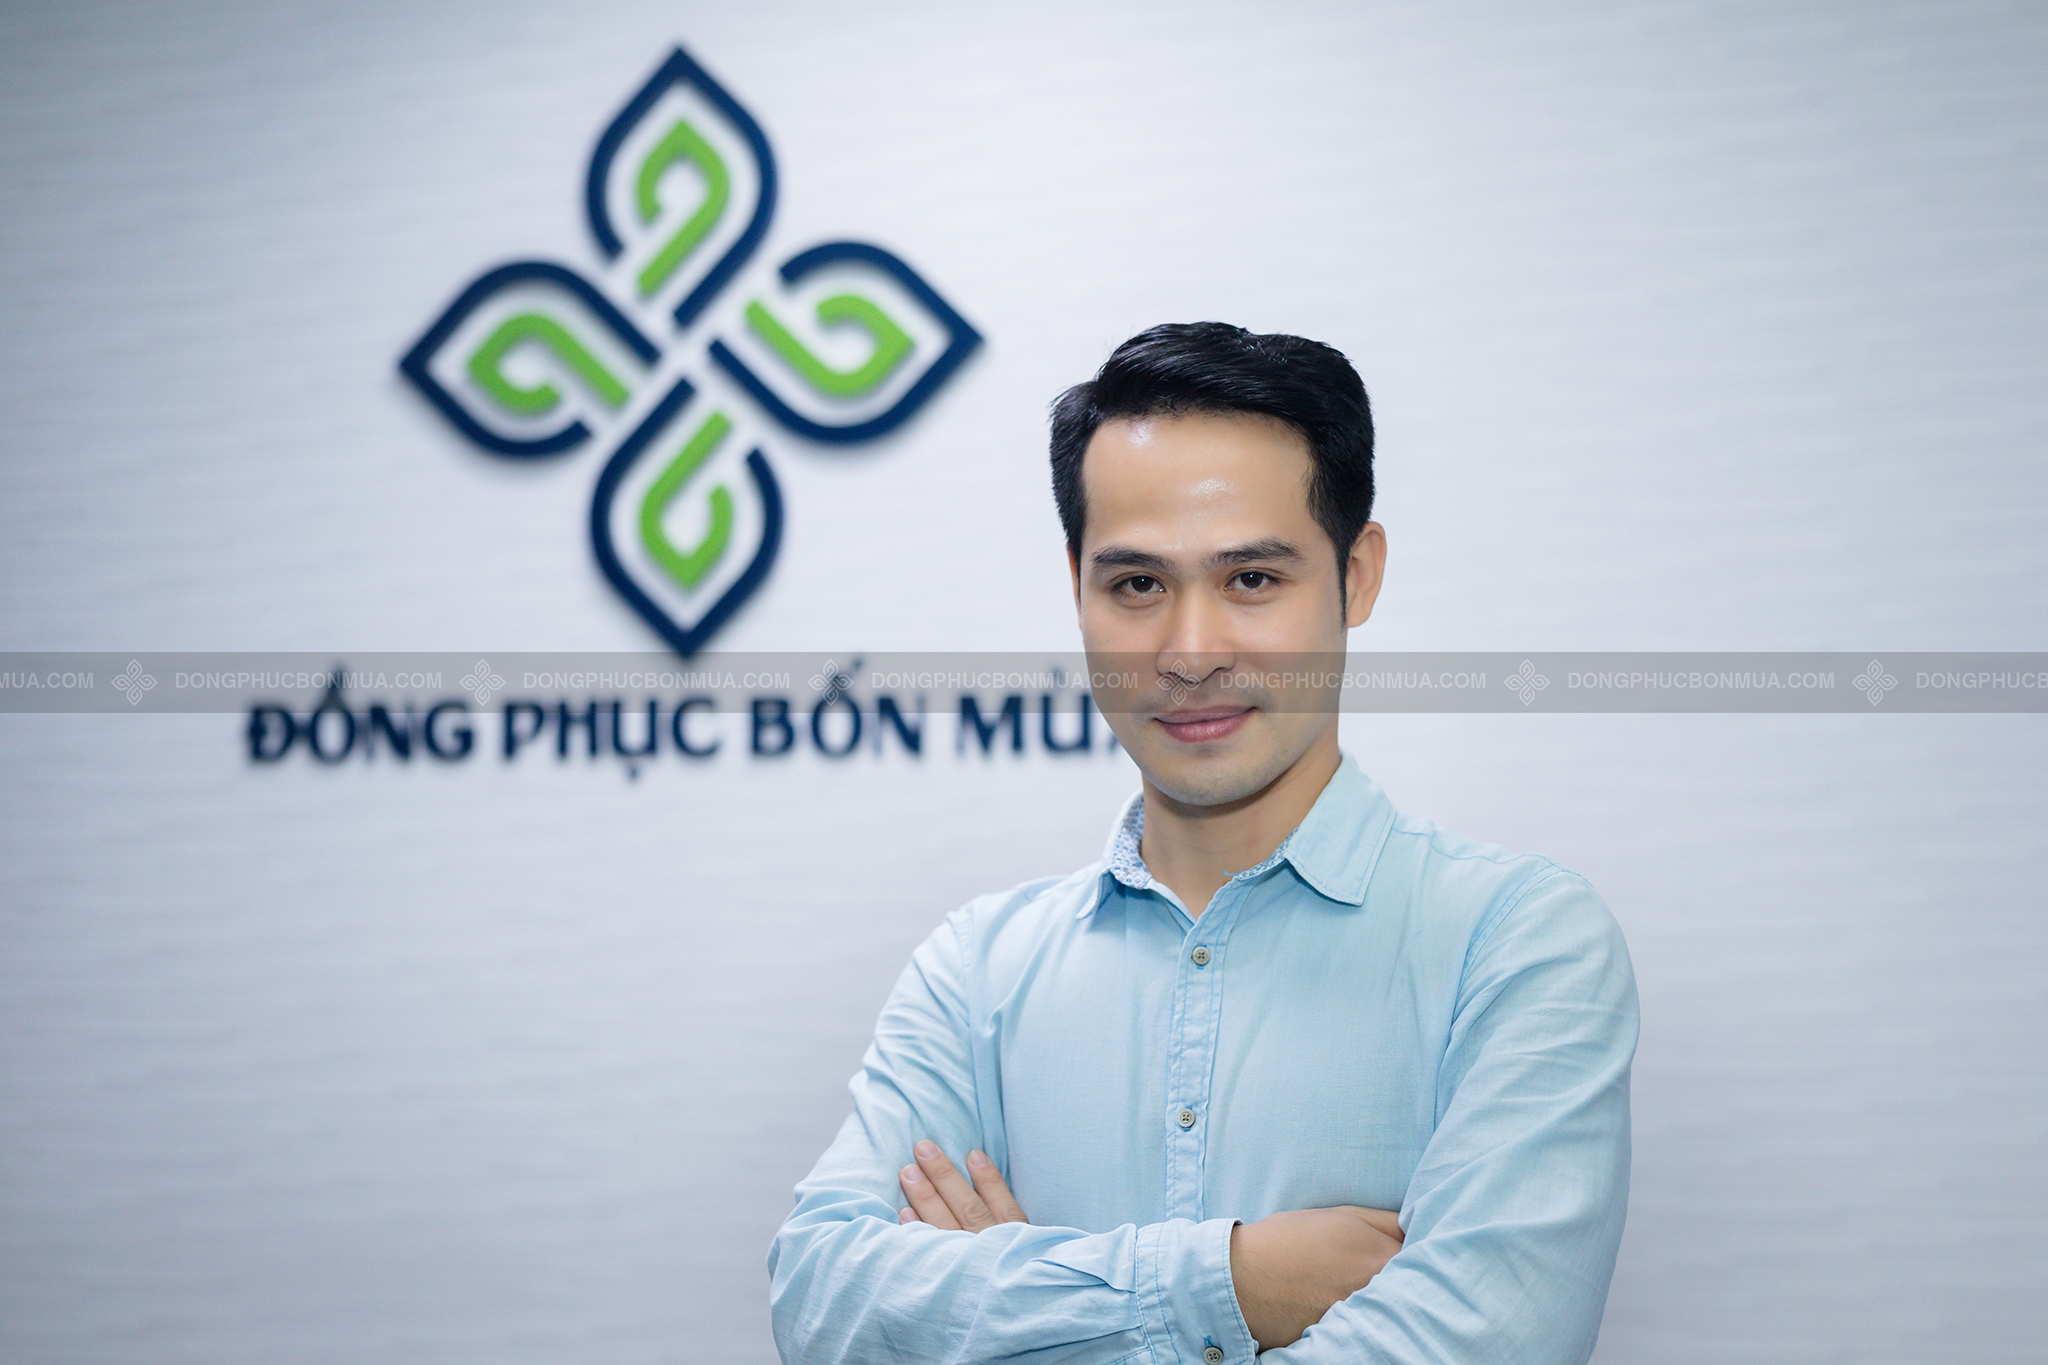 Ông Đỗ Quảng Trường